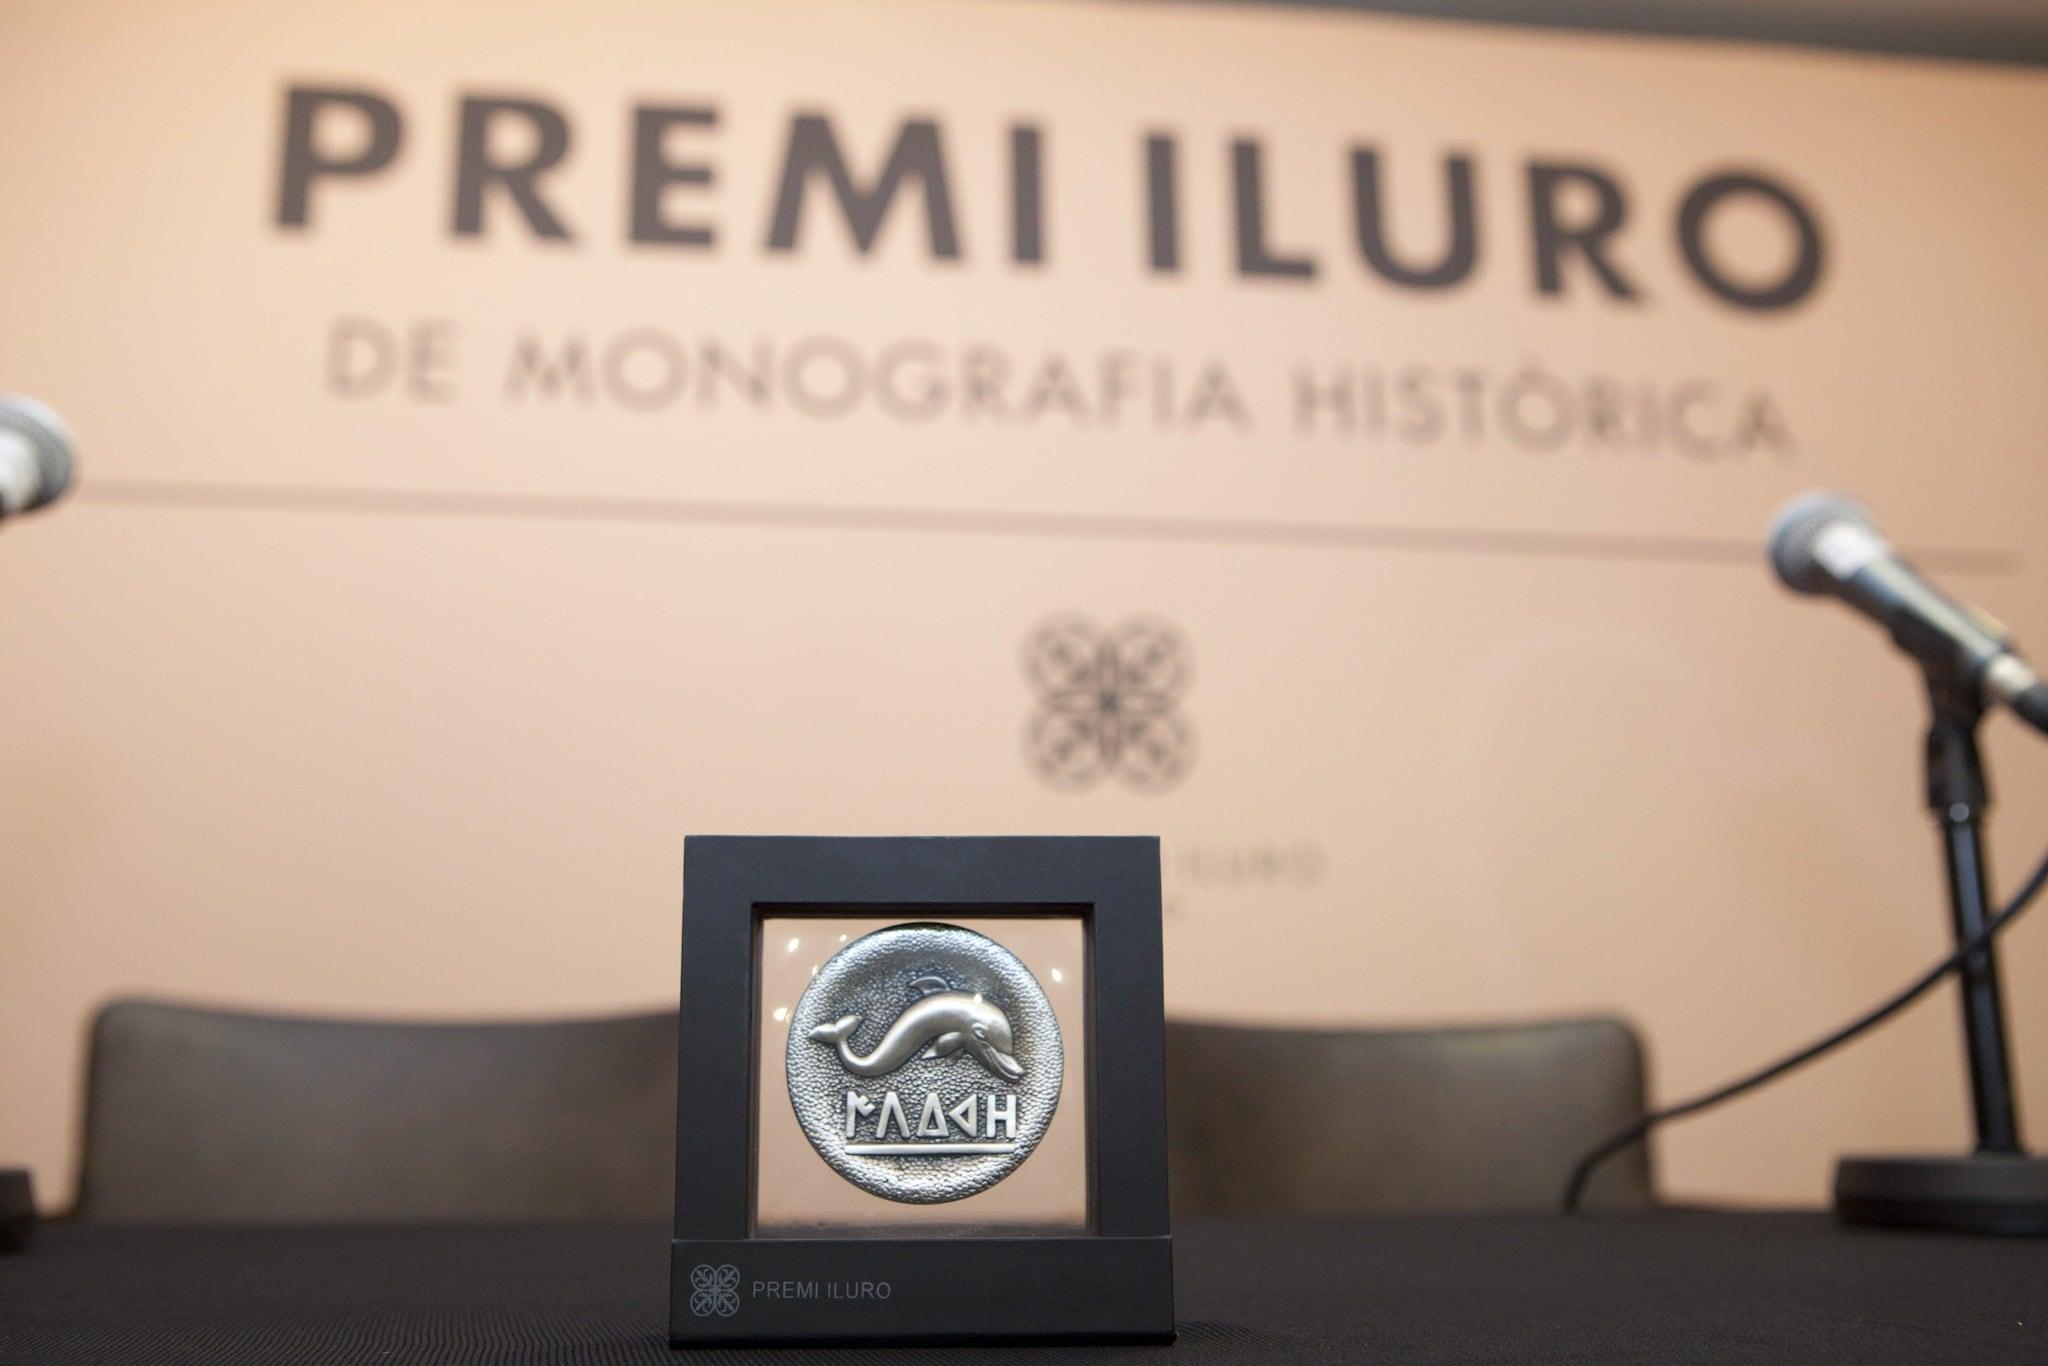 Tres treballs opten al Premi Iluro 2019